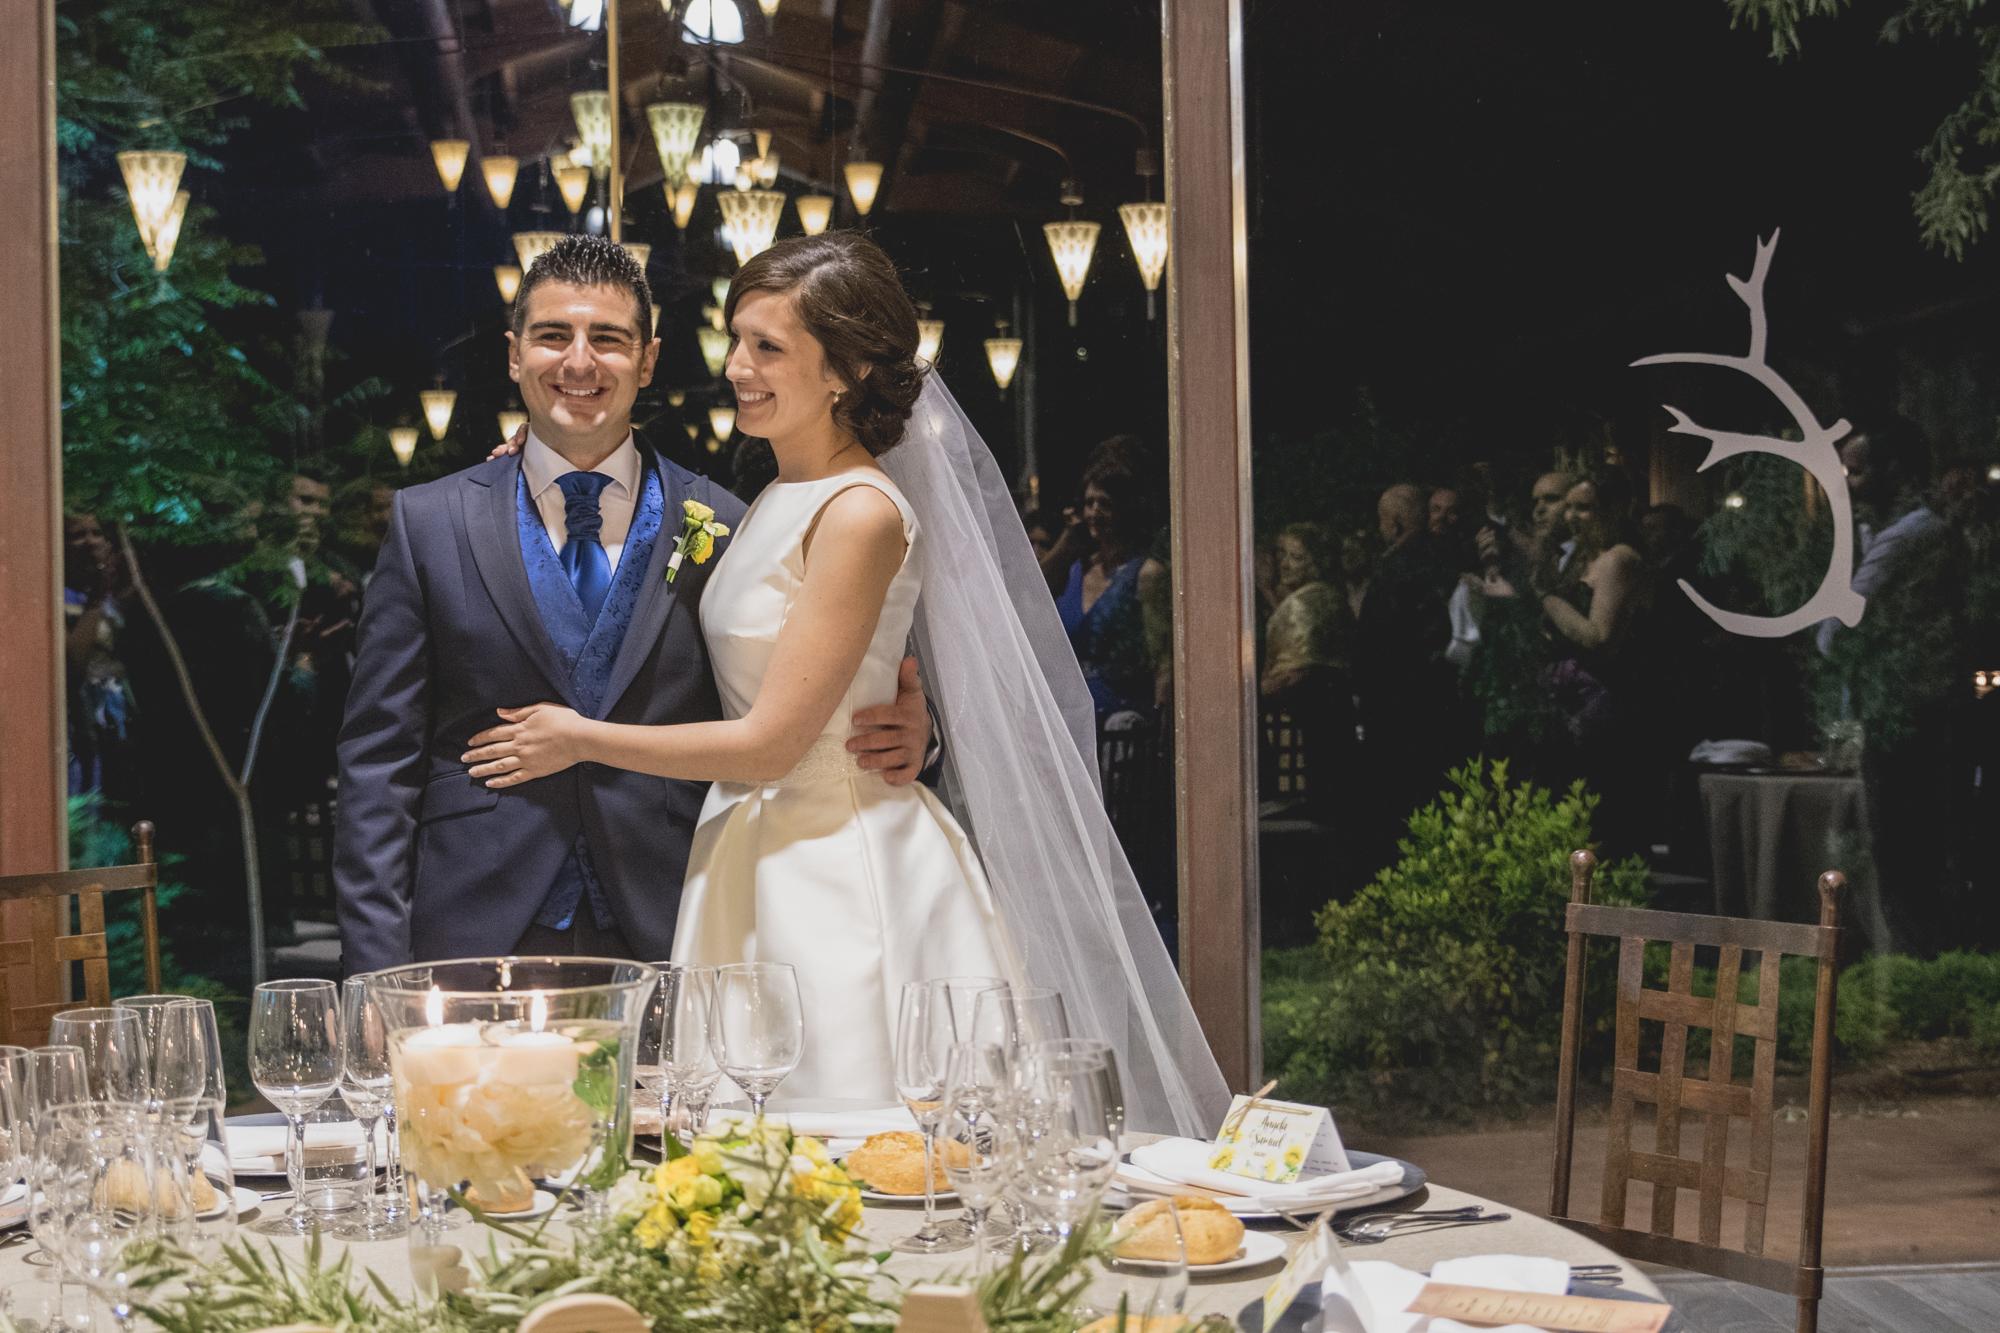 fotografos-de-boda-Cuenca.jpg